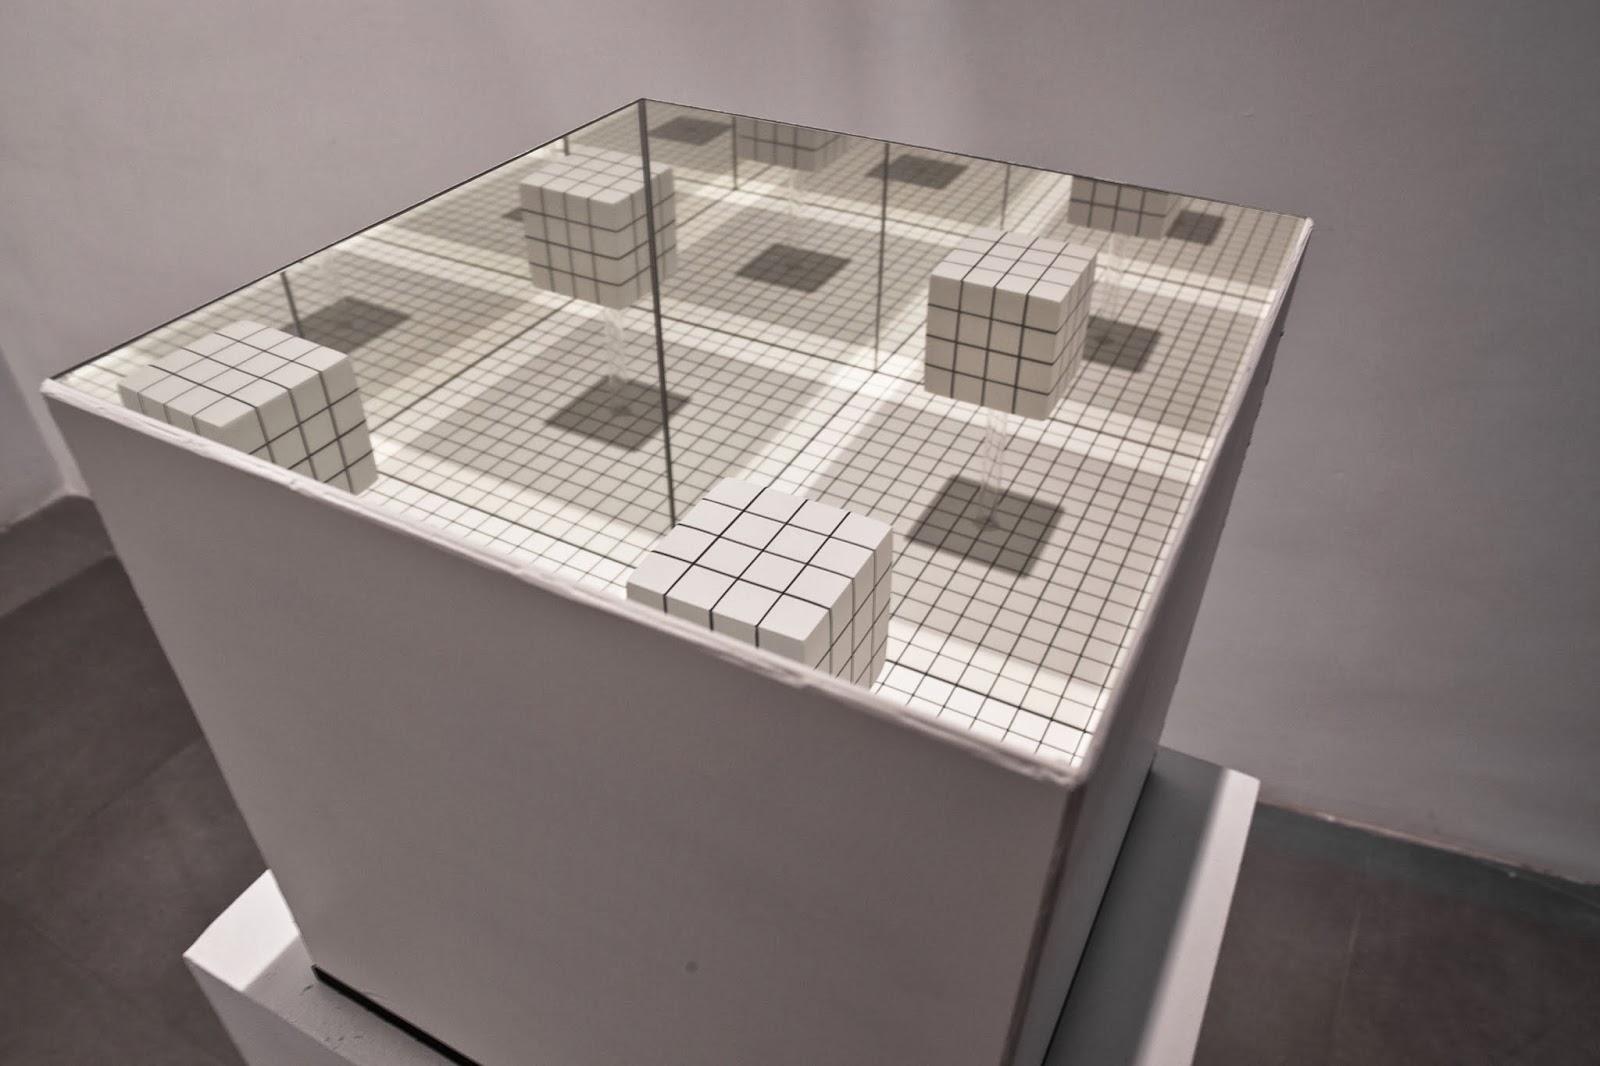 felipe-pantone-and-demsky-ultradinamica-at-galeria-mr-pink-08